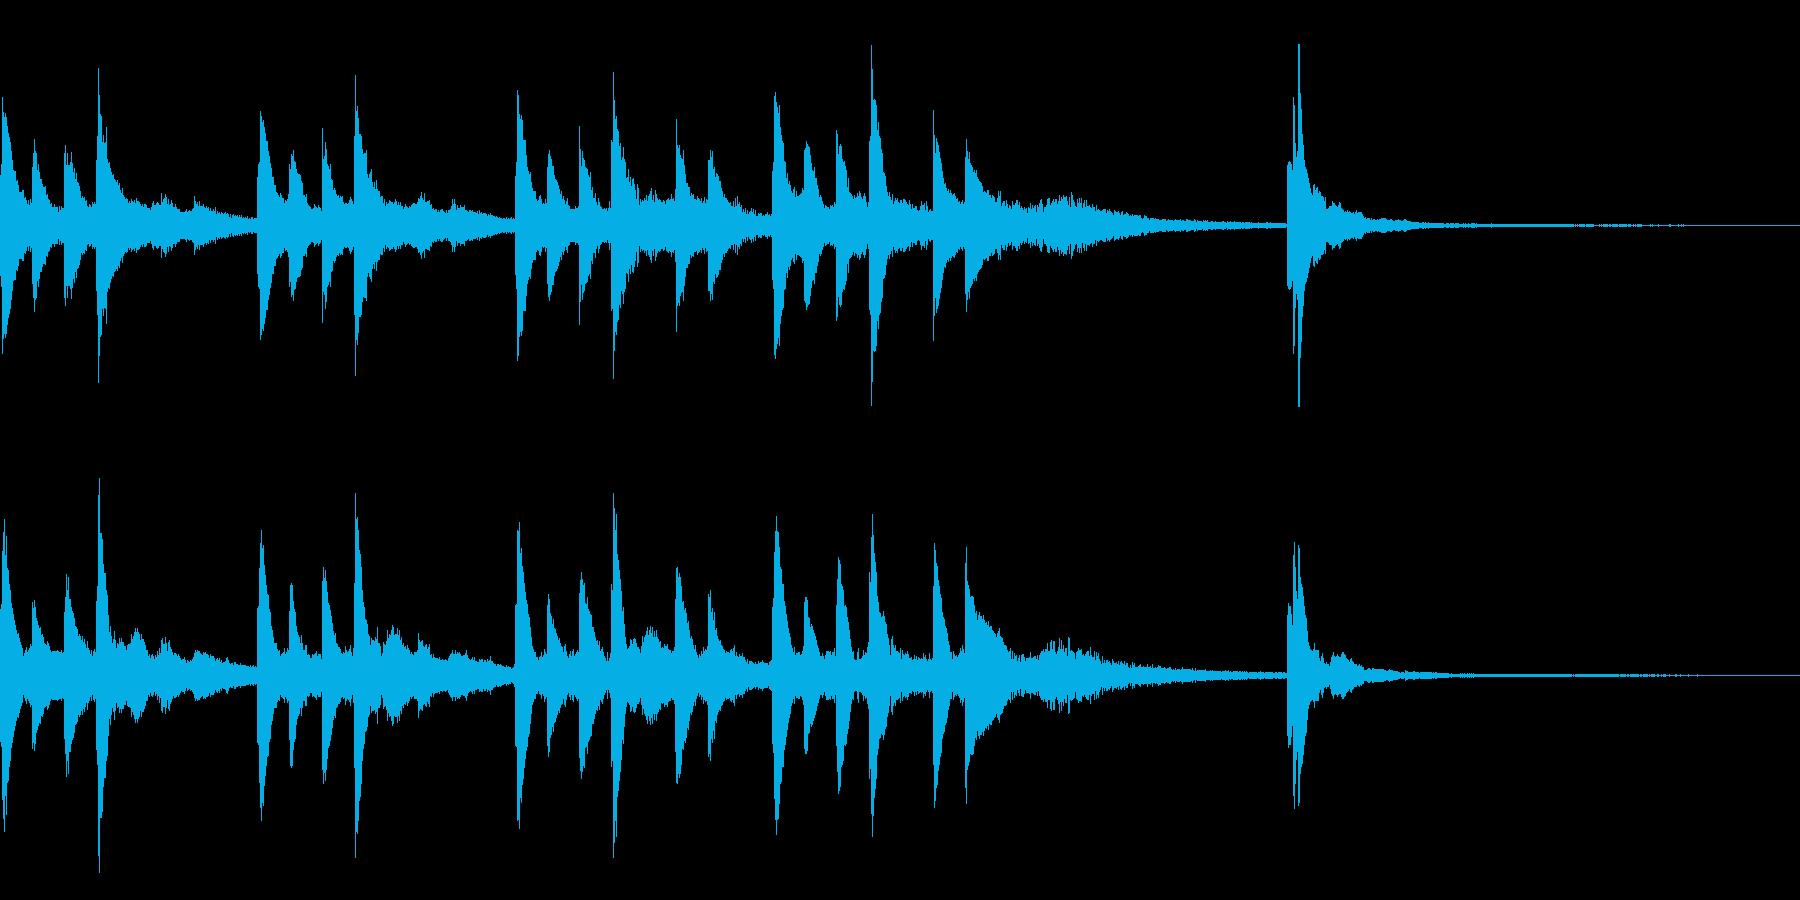 切ないピアノのジングルの再生済みの波形